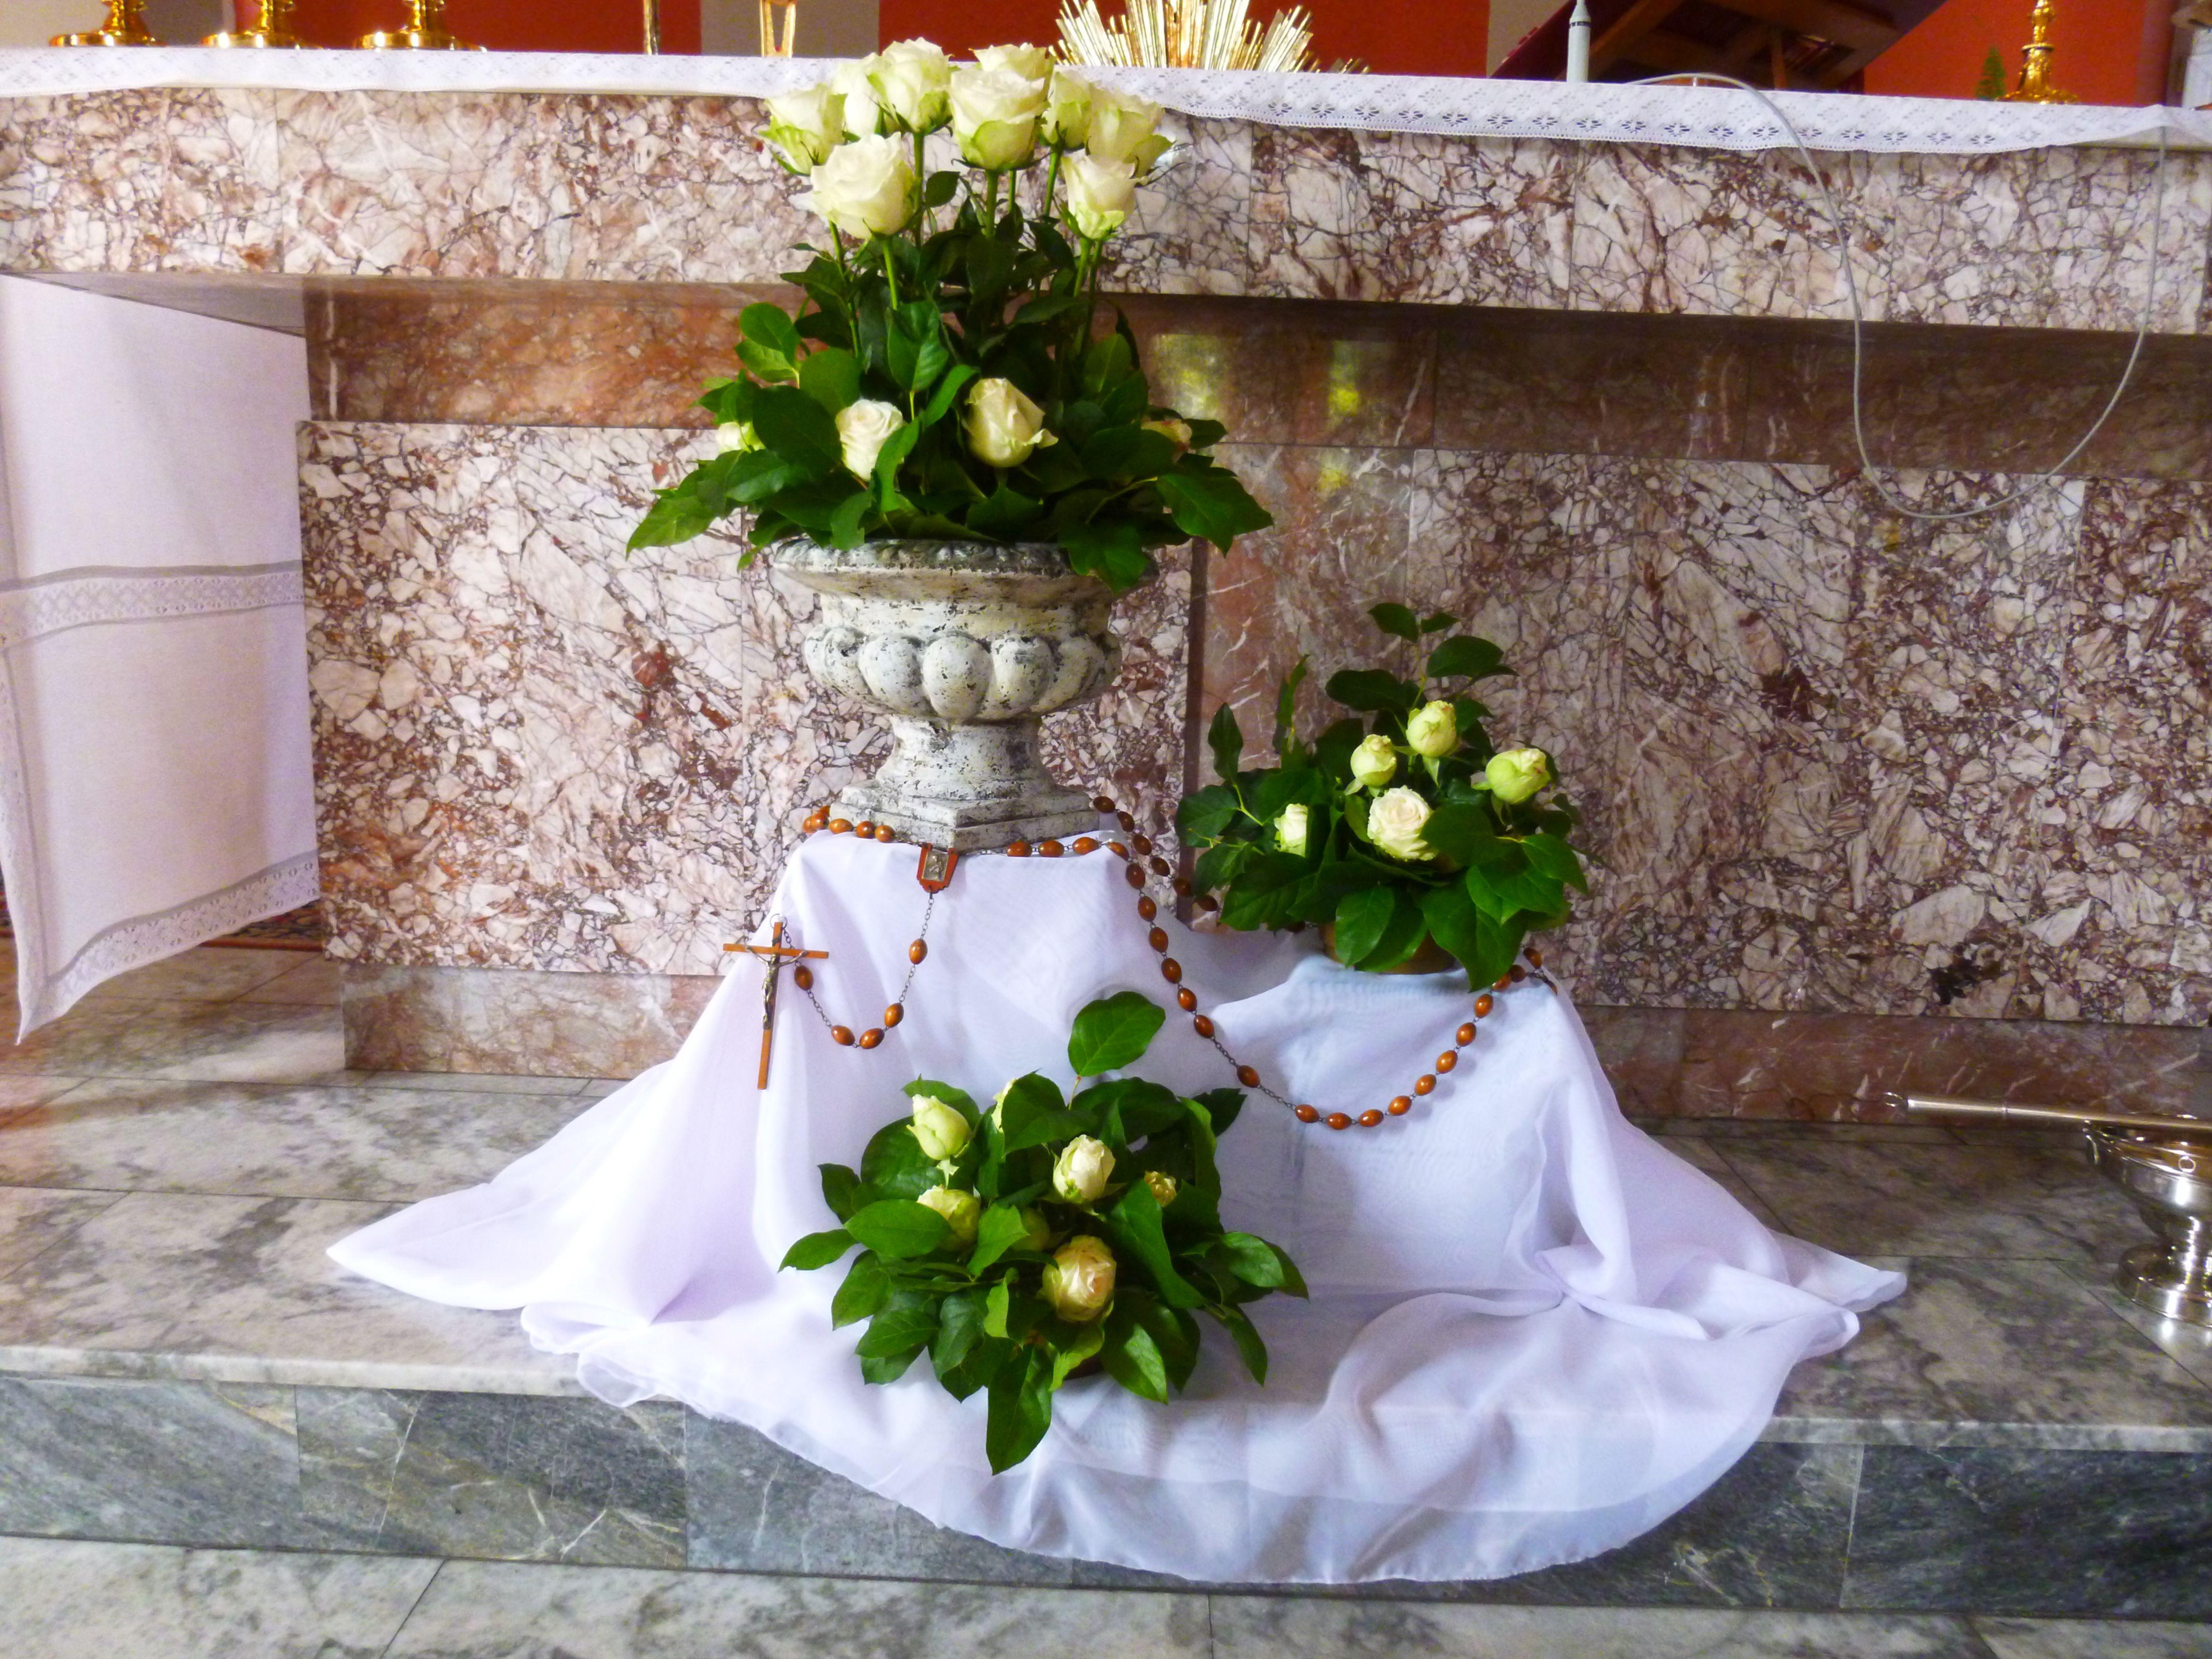 Roze I Rozaniec Dekoracja Oltarza Pazdziernik 2017 Altar Decorations Altar Arrangement Church Decor